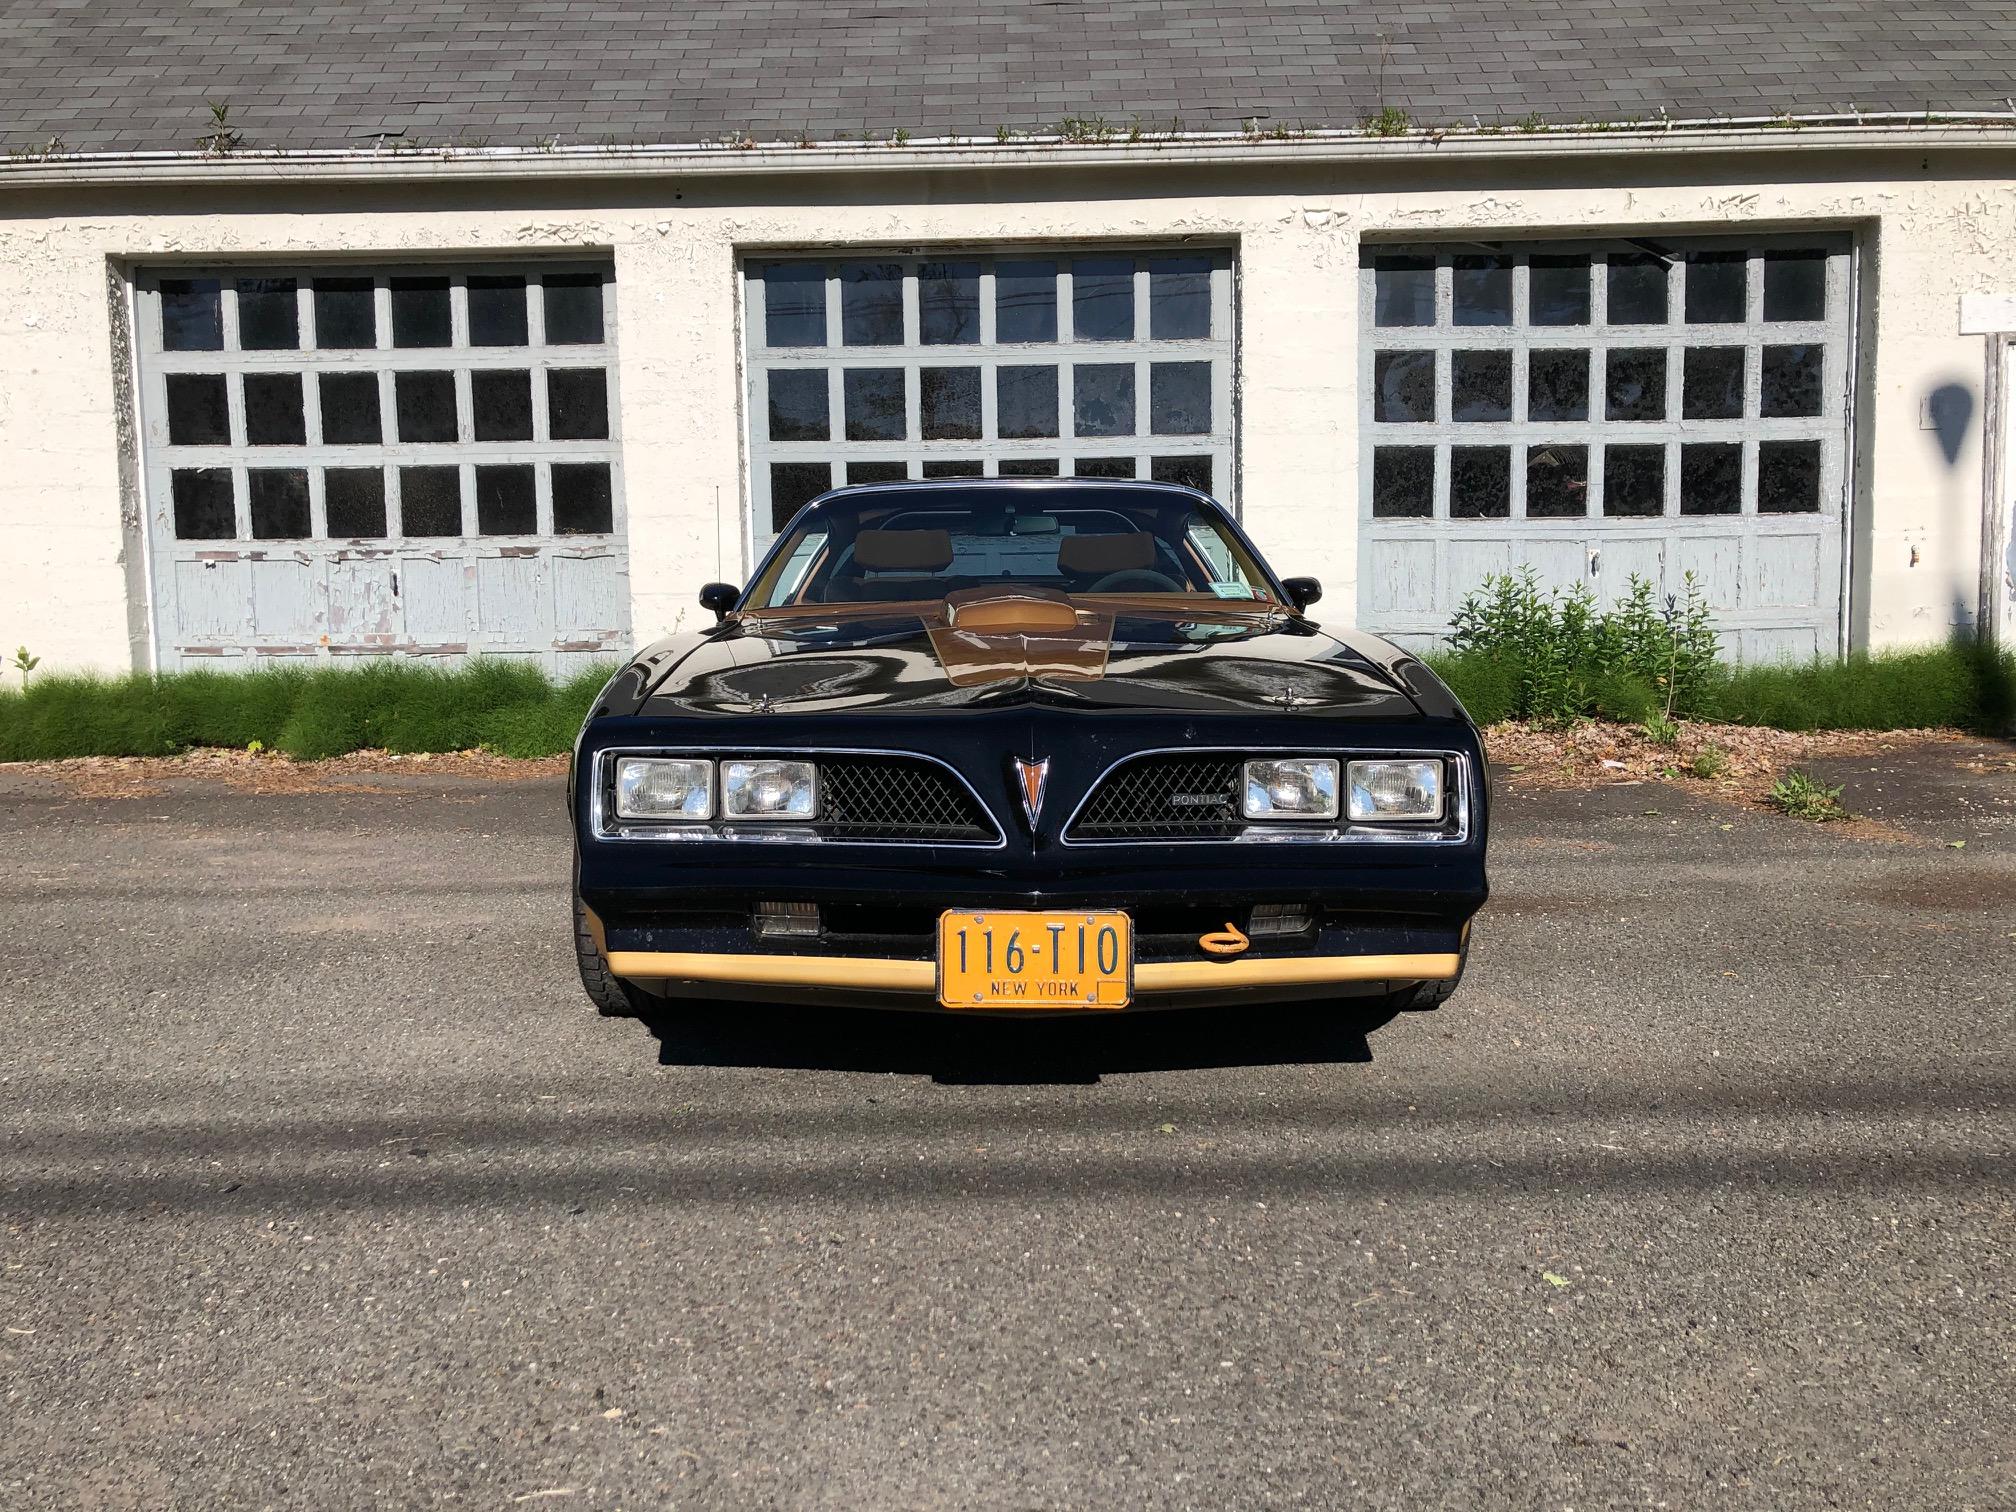 1978 Pontiac DKM Macho Trans Am front